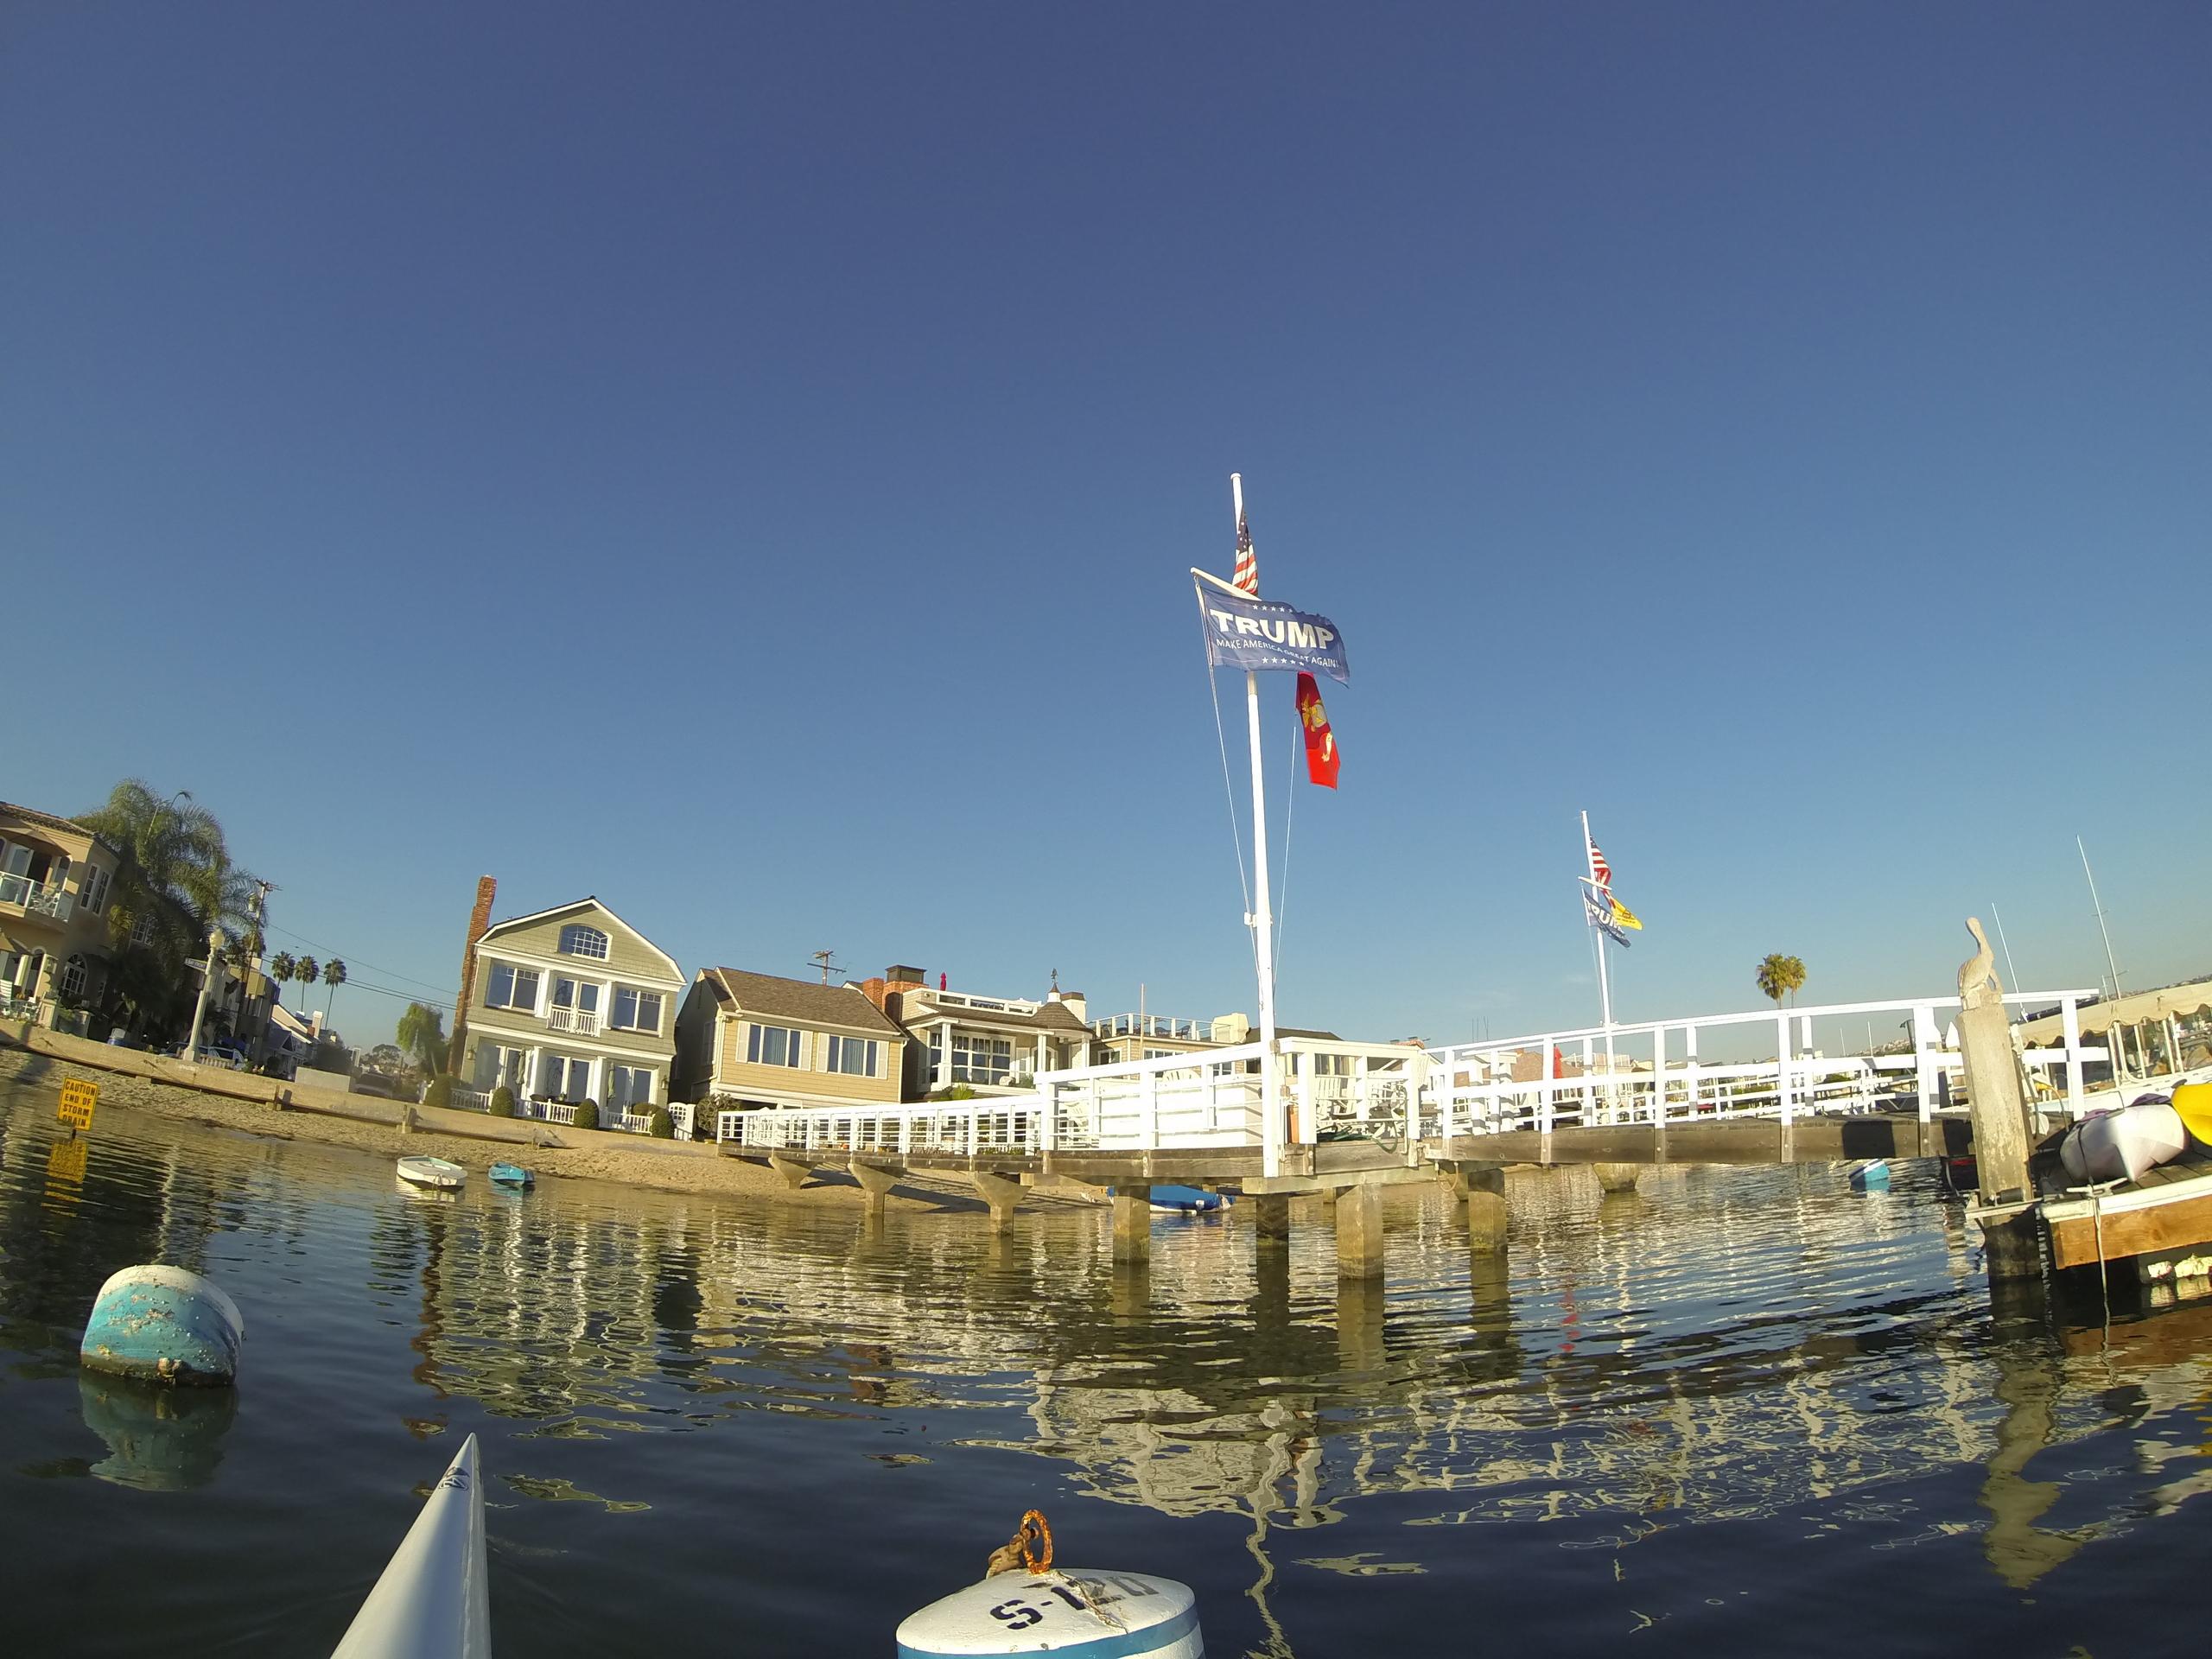 Trump Banners flying in Newport Harbor